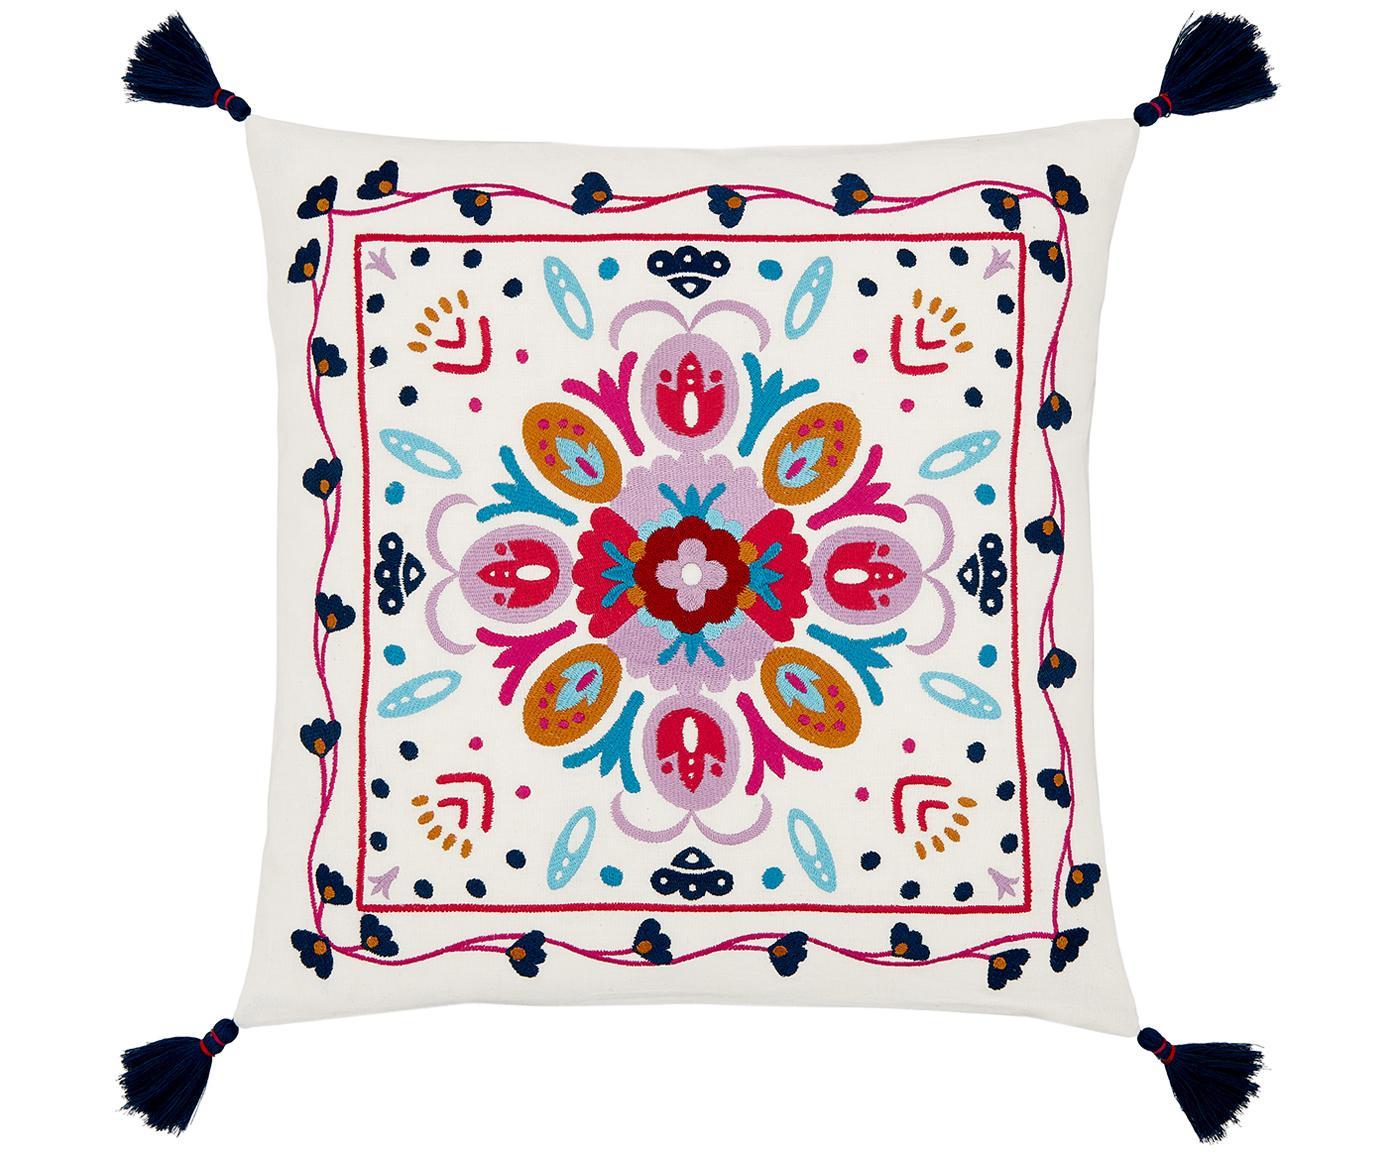 Bunt bestickte Kissenhülle Flower Power, 100% Baumwolle, Cremeweiss, Mehrfarbig, 45 x 45 cm